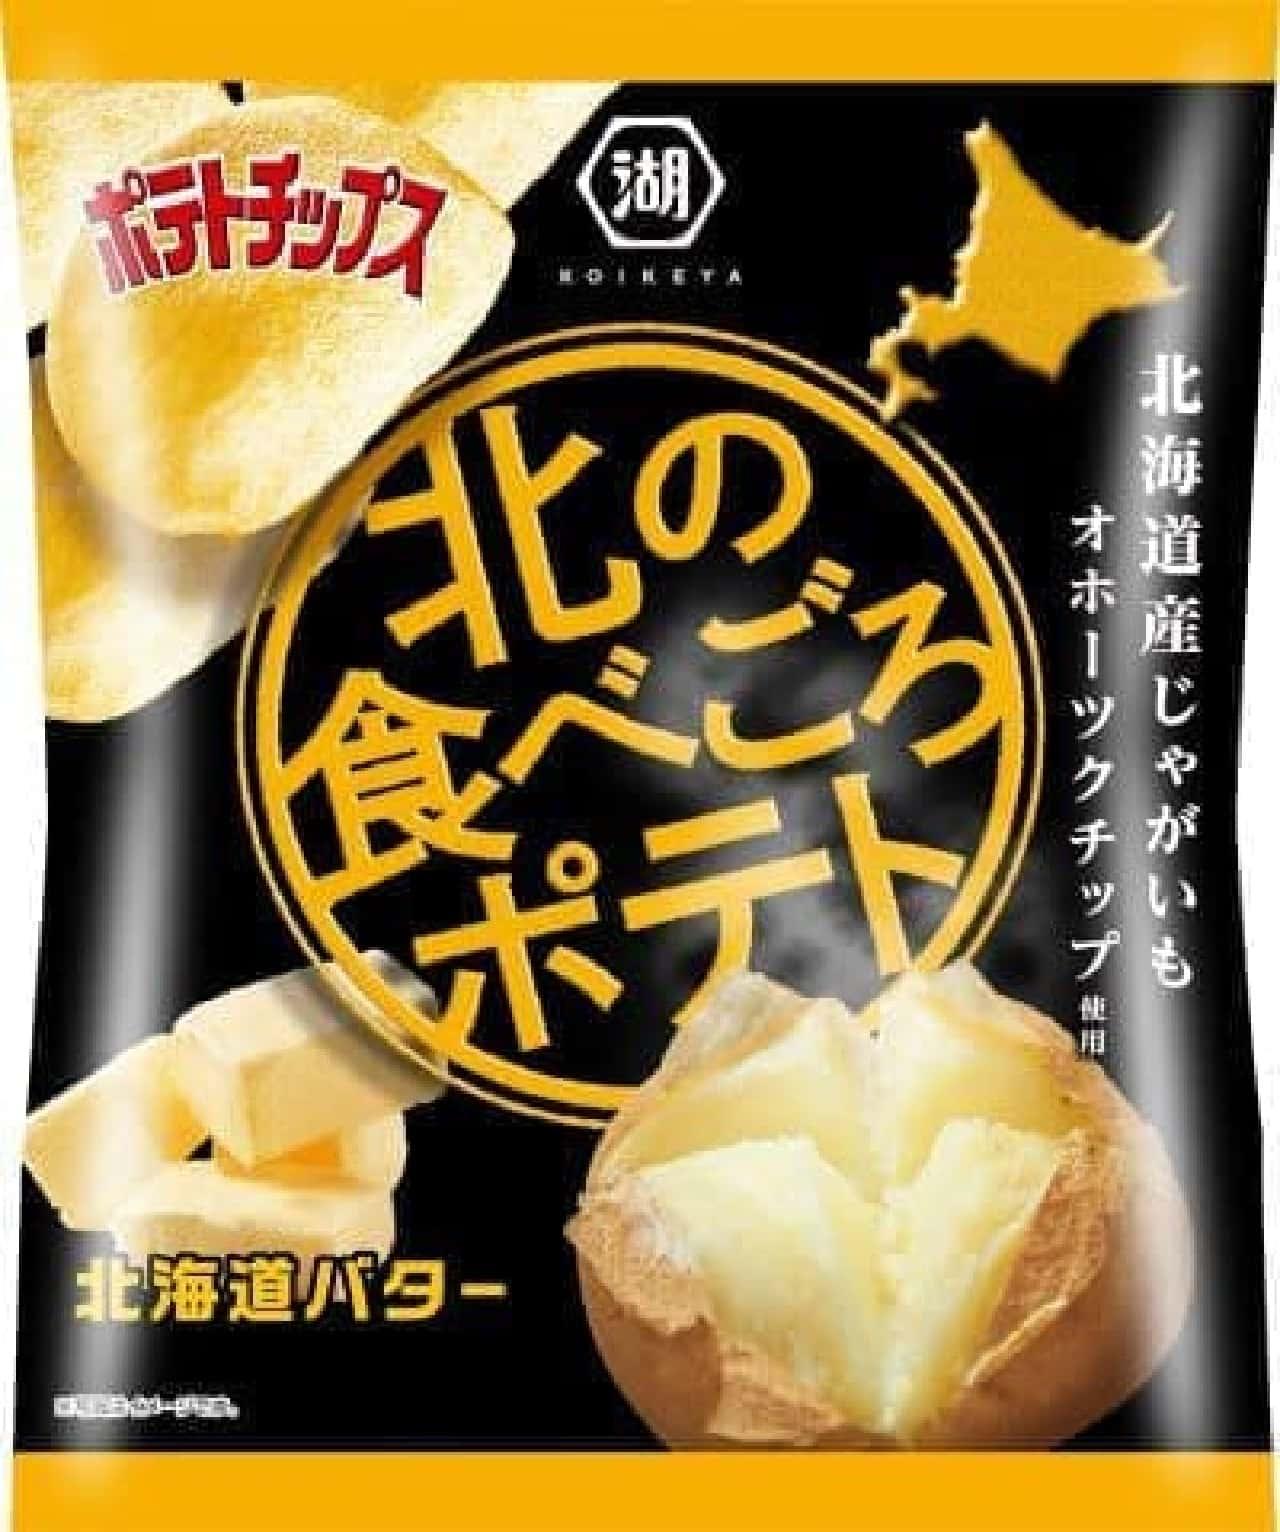 ポテトチップス 北の食べごろポテト 北海道バターは、なめらかでコク深い北海道バターの香りが旨みを引き立てるポテチ